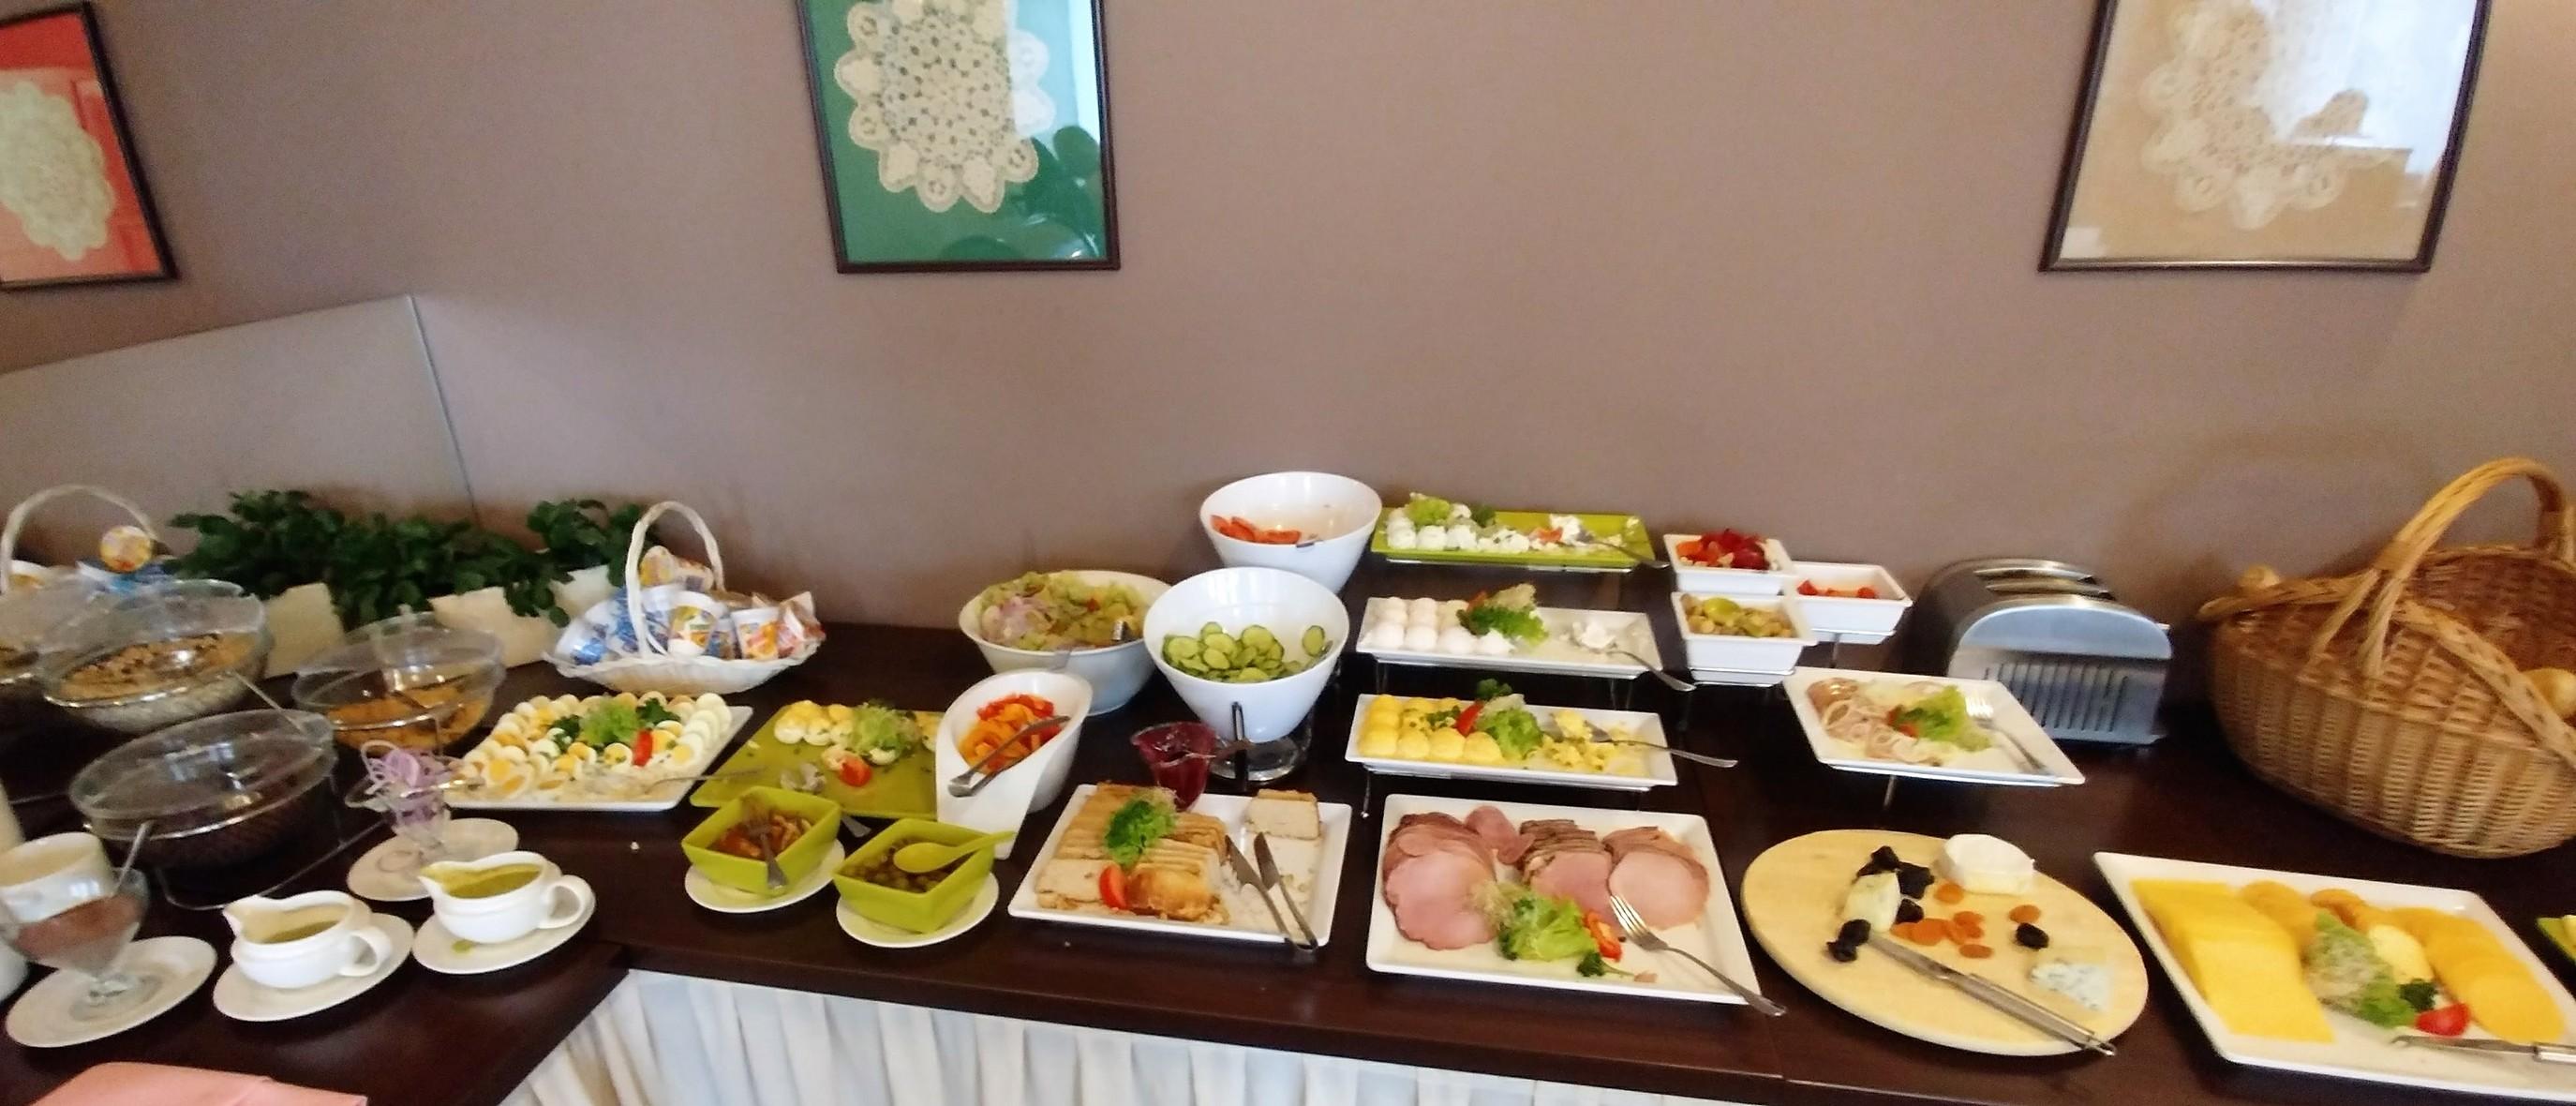 śniadanie w hotelu Wilga